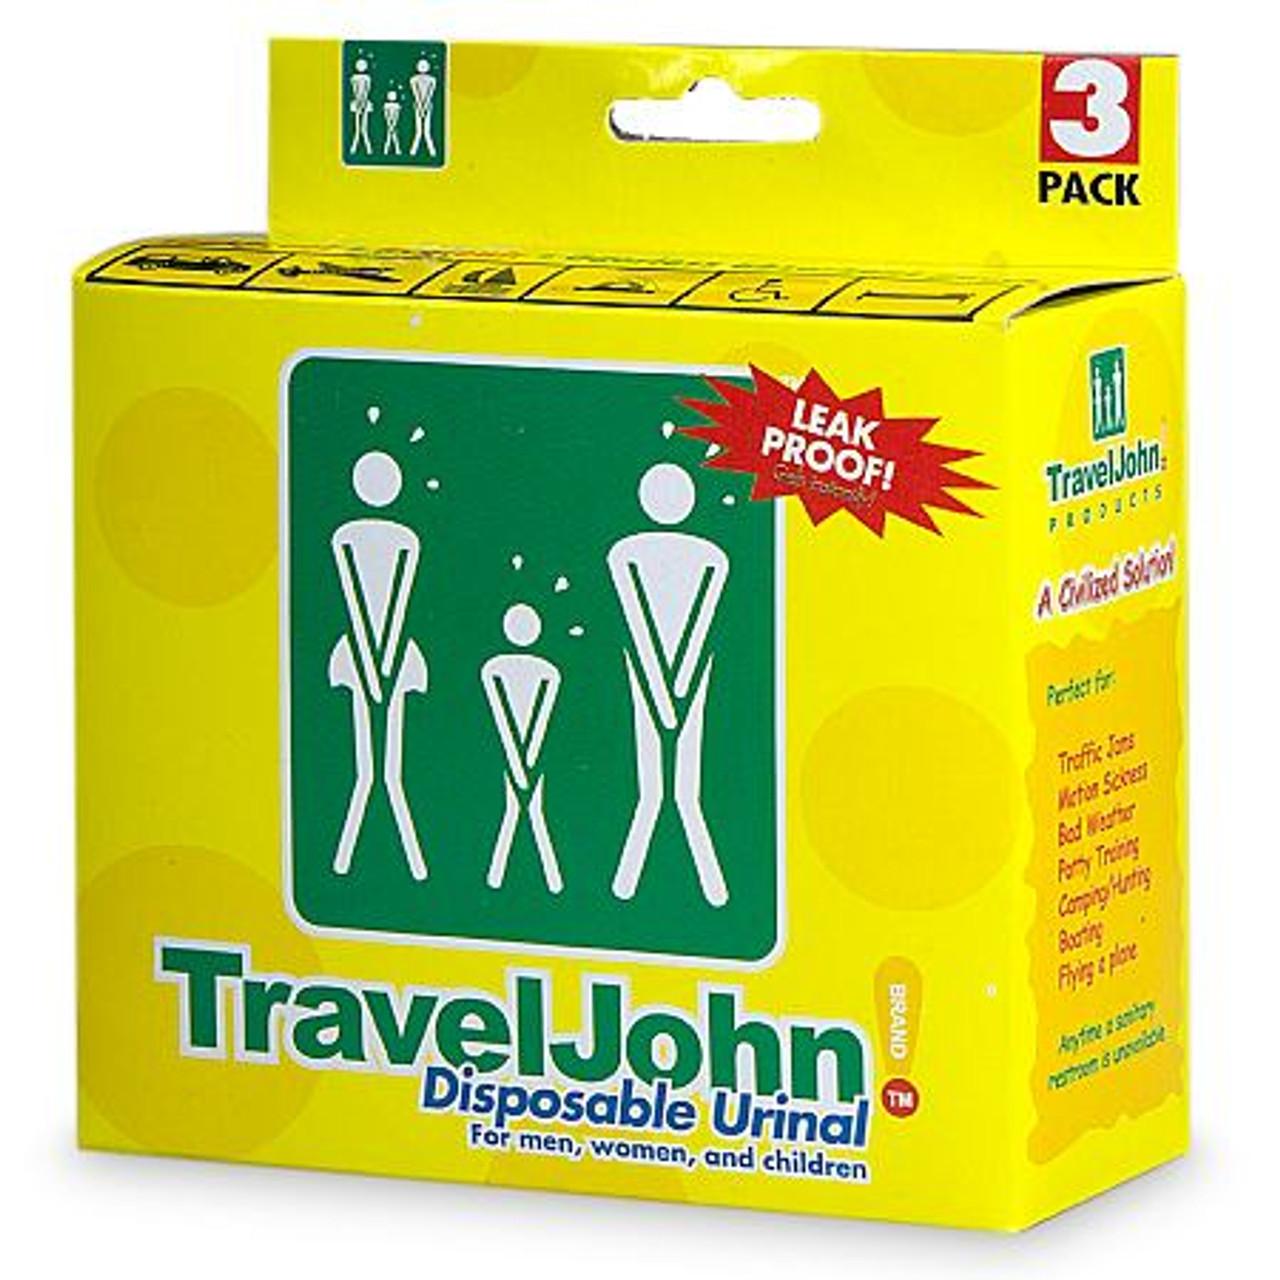 TravelJohn™ Disposable Urinal 3-Pack